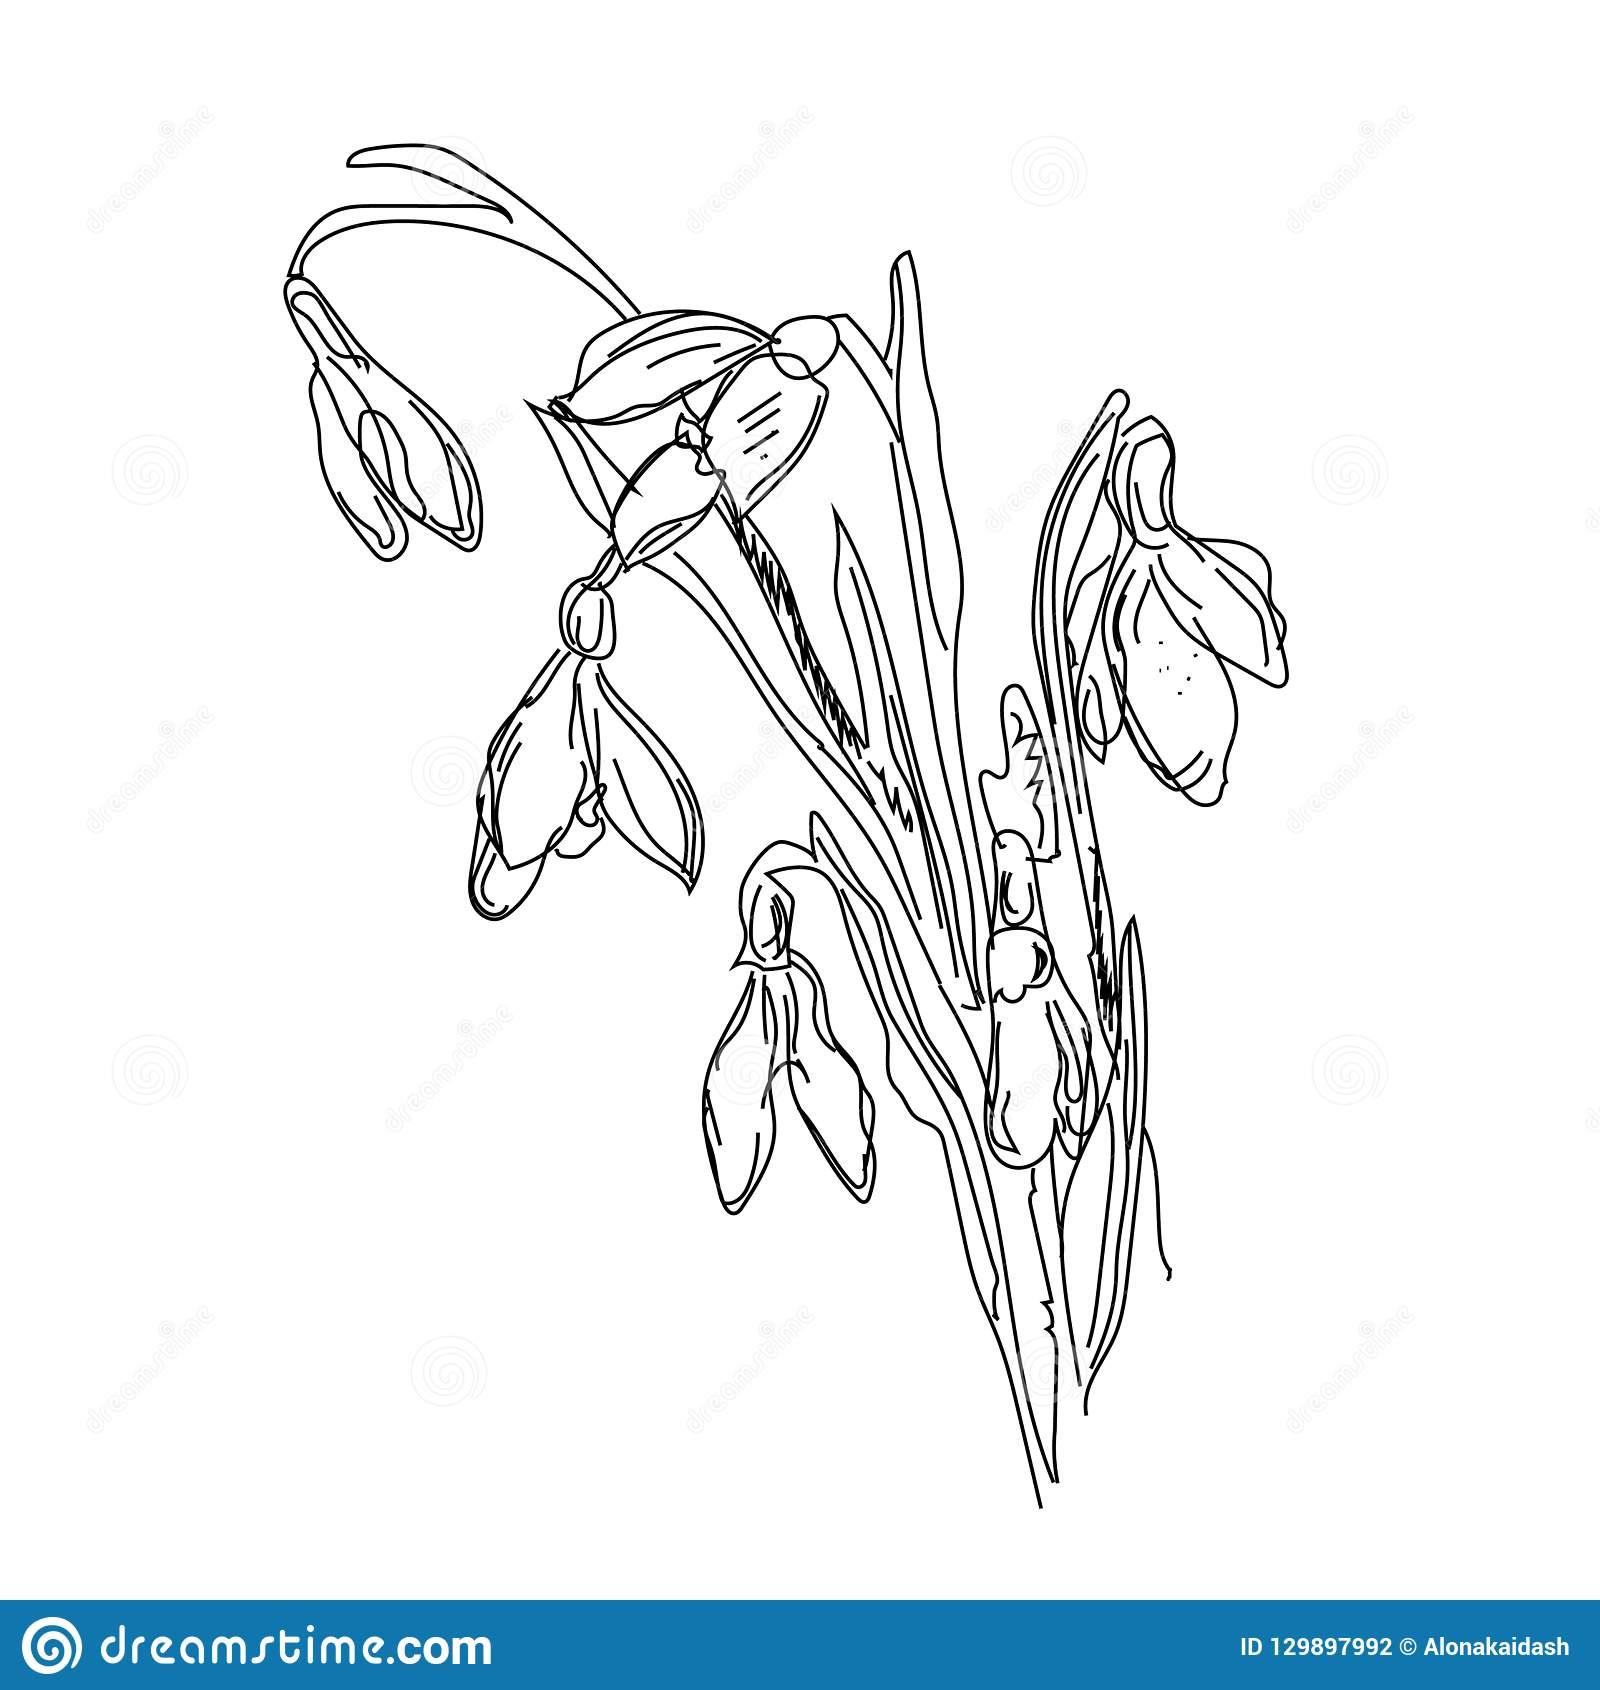 Bleistift-Zeichnung - Blume, Bleistift-Zeichnung Vektor verwandt mit Blume Zeichnung Bleistift